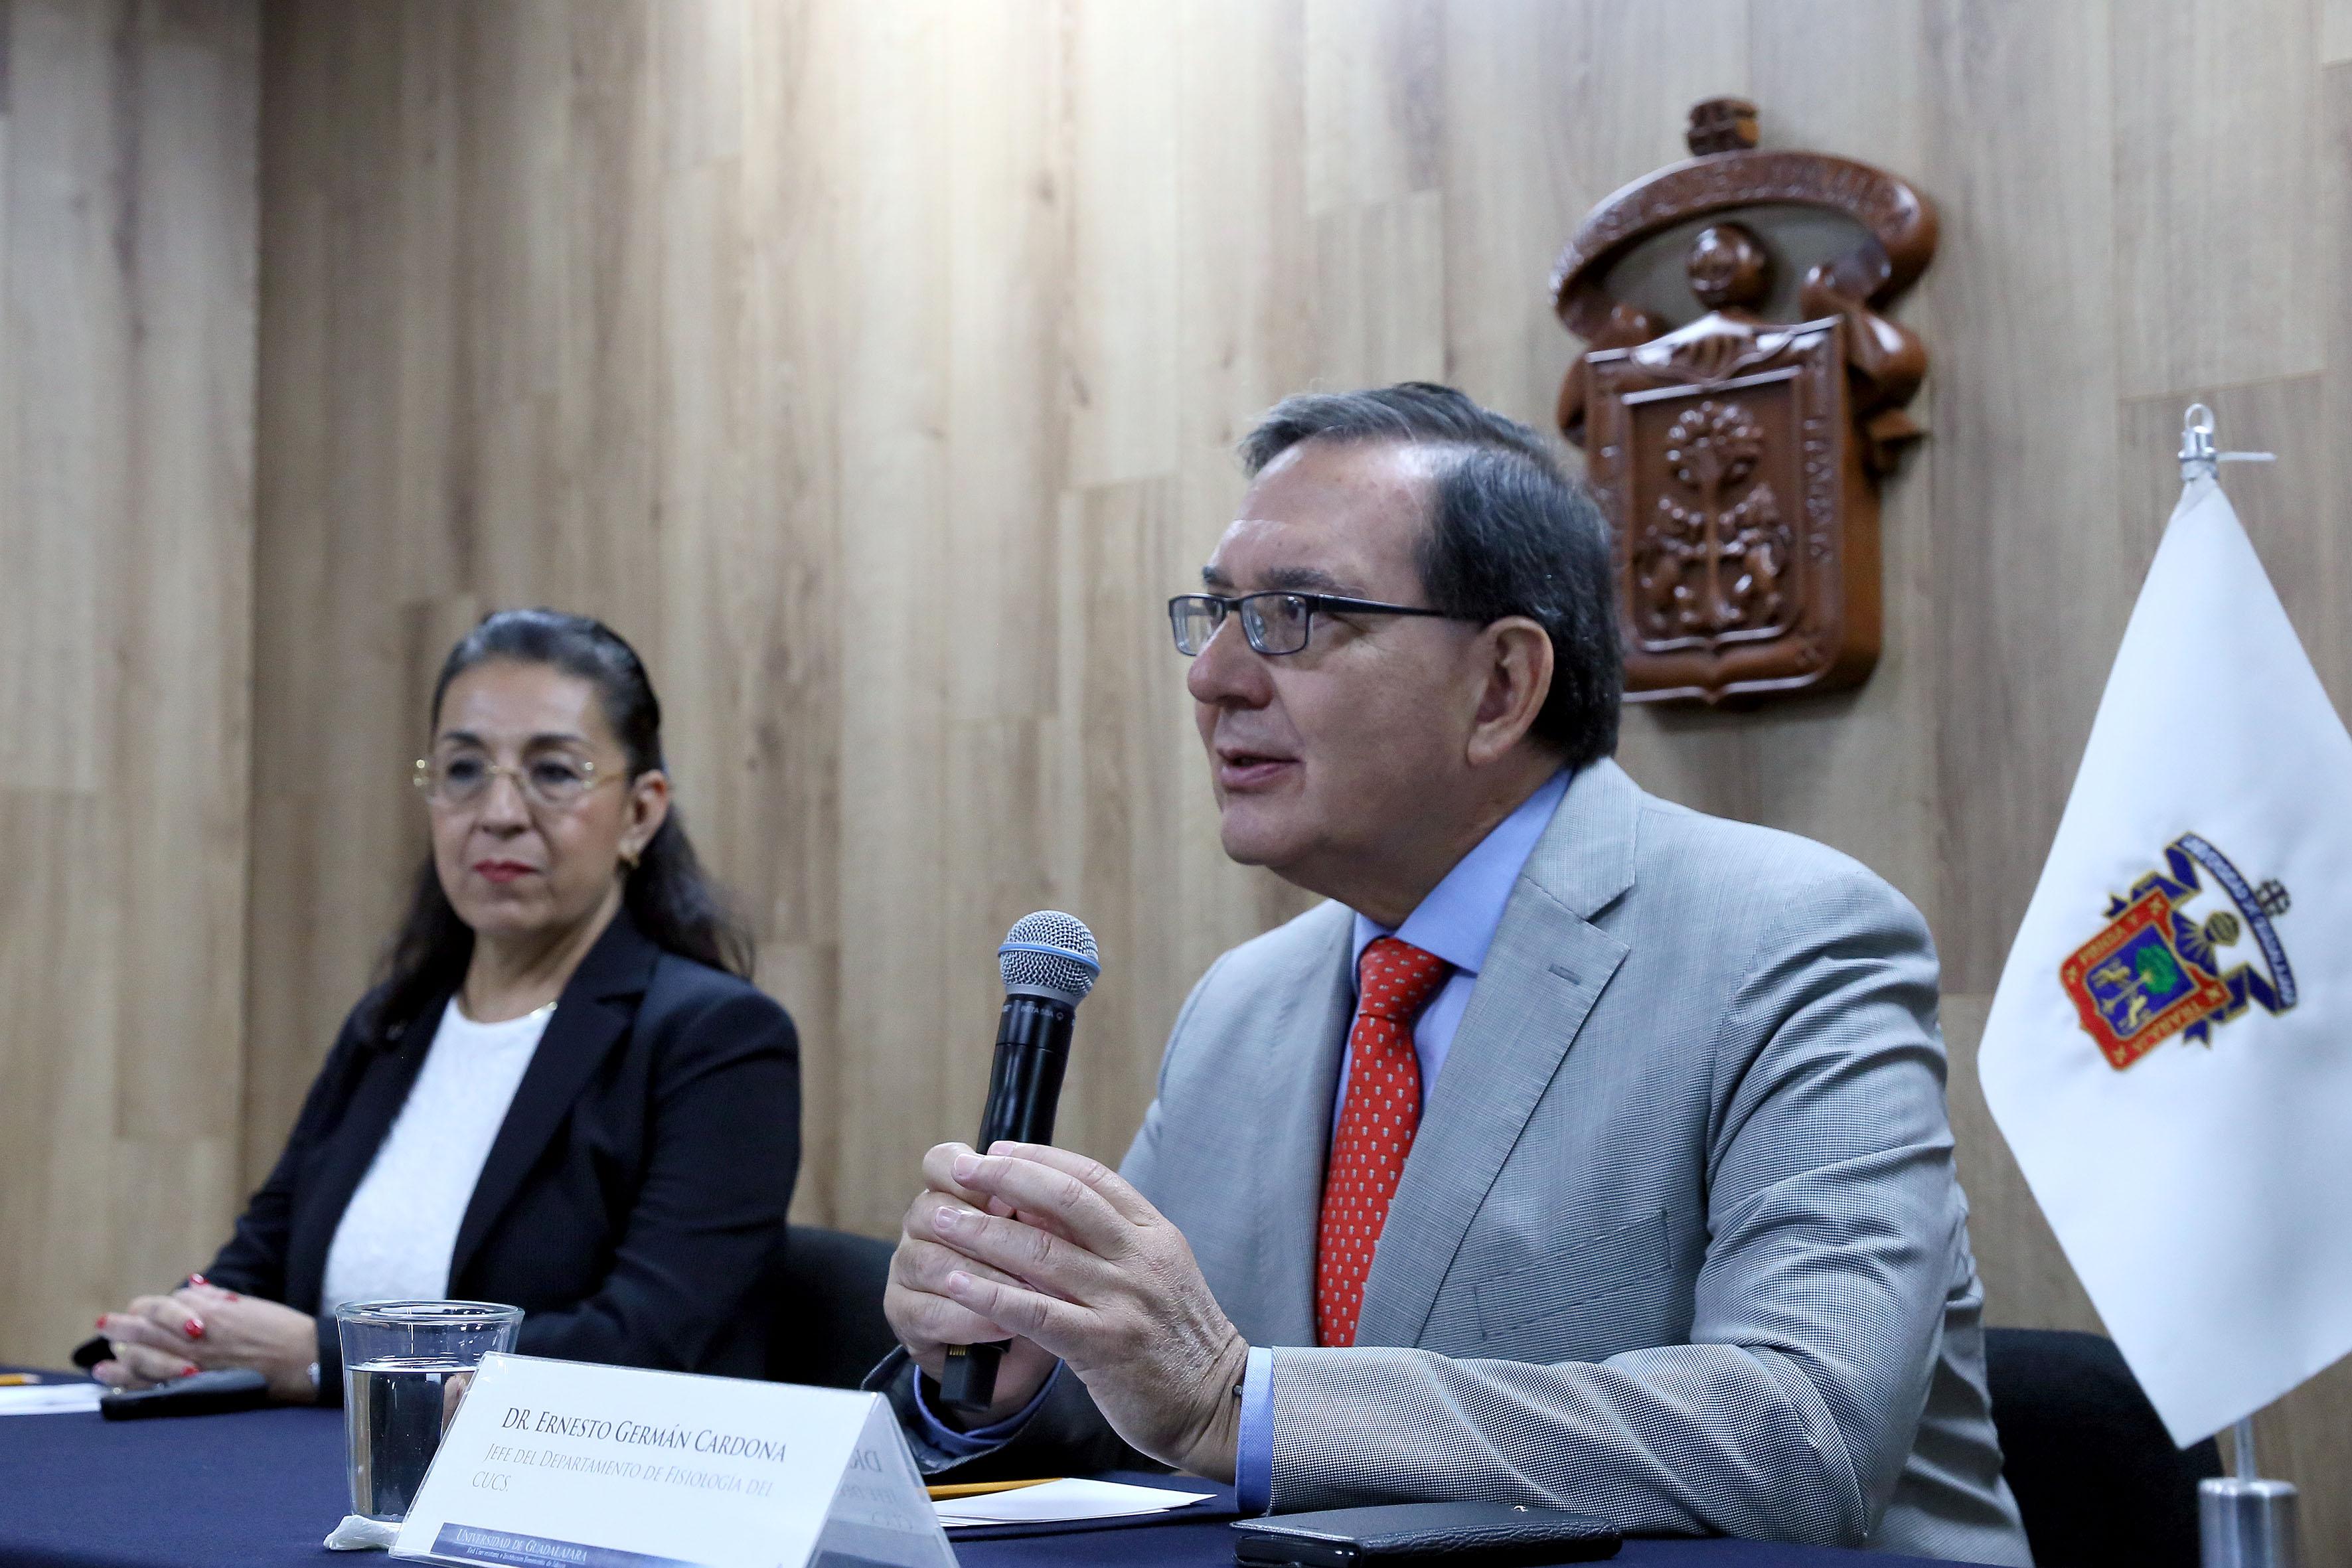 Jefe del Departamento de Fisiología del CUCS, doctor Ernesto Germán Cardona participando en rueda de prensa